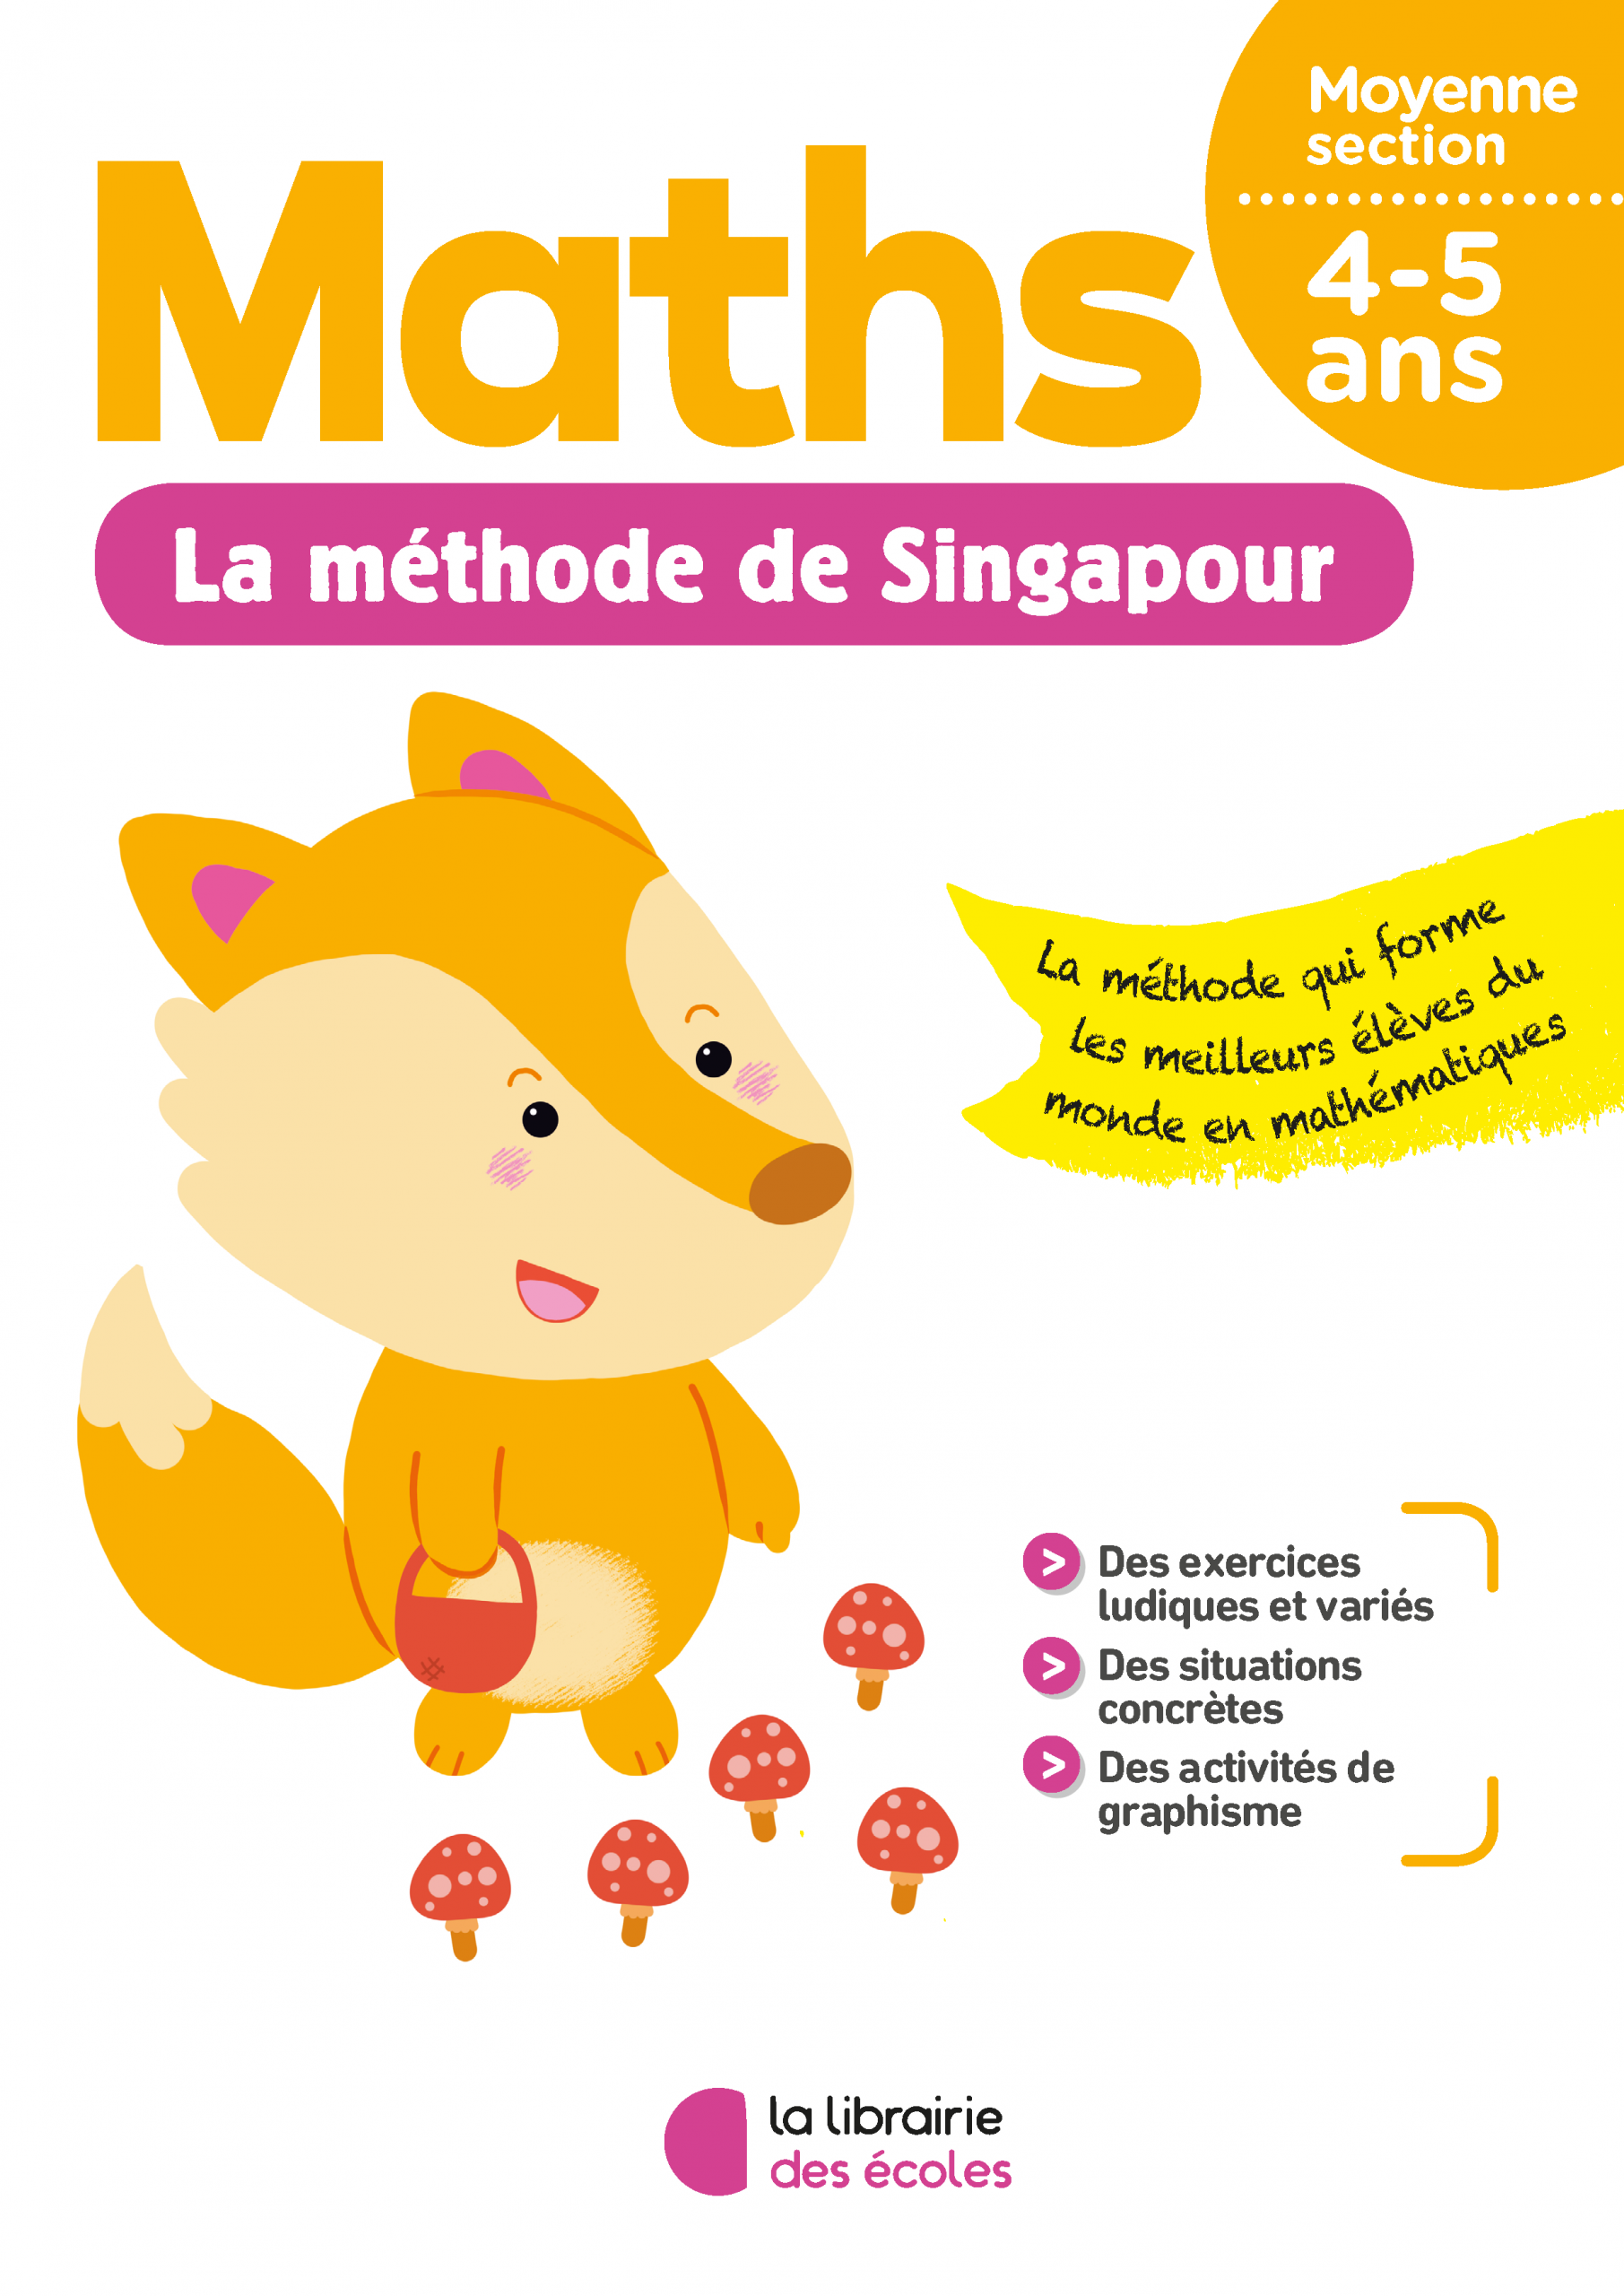 La Méthode De Singapour - Moyenne Section - Pour La Maison à Activité Moyenne Section